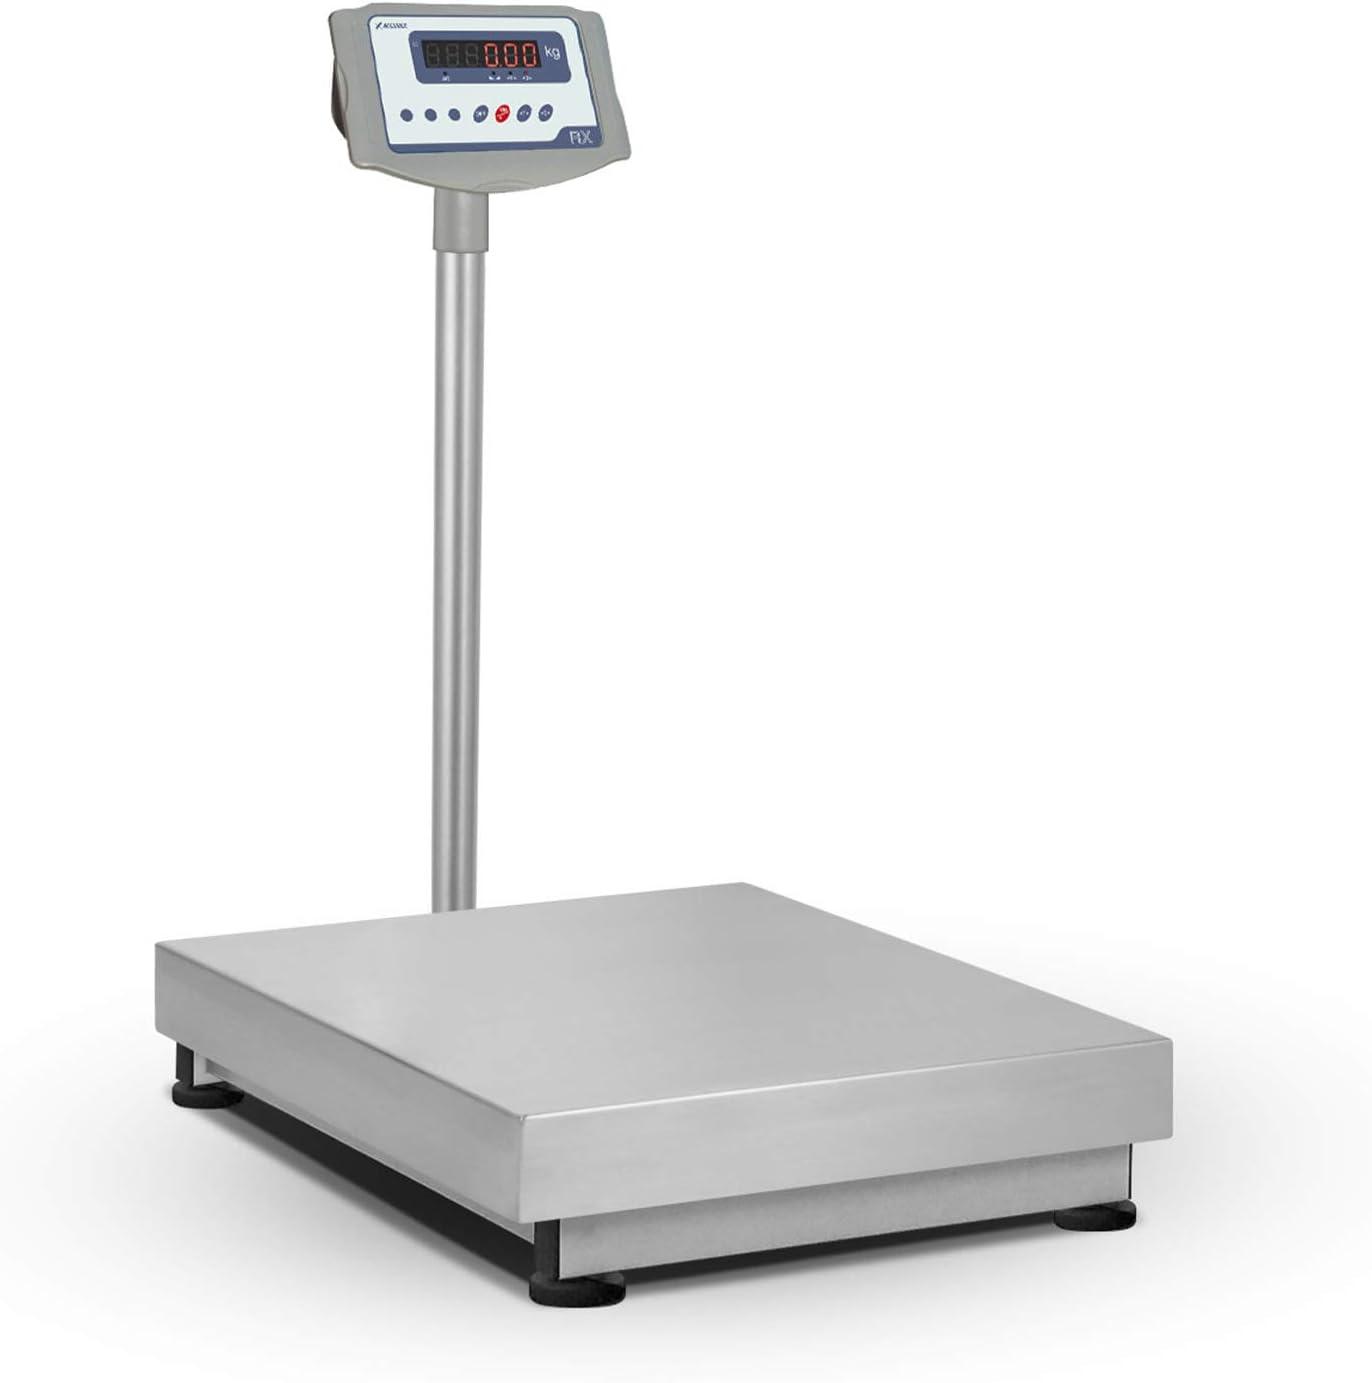 Accurex Báscula Industrial de Plataforma RX-60M (60 kg / 10 g, Plataforma de Pesaje 40 x 50 cm)